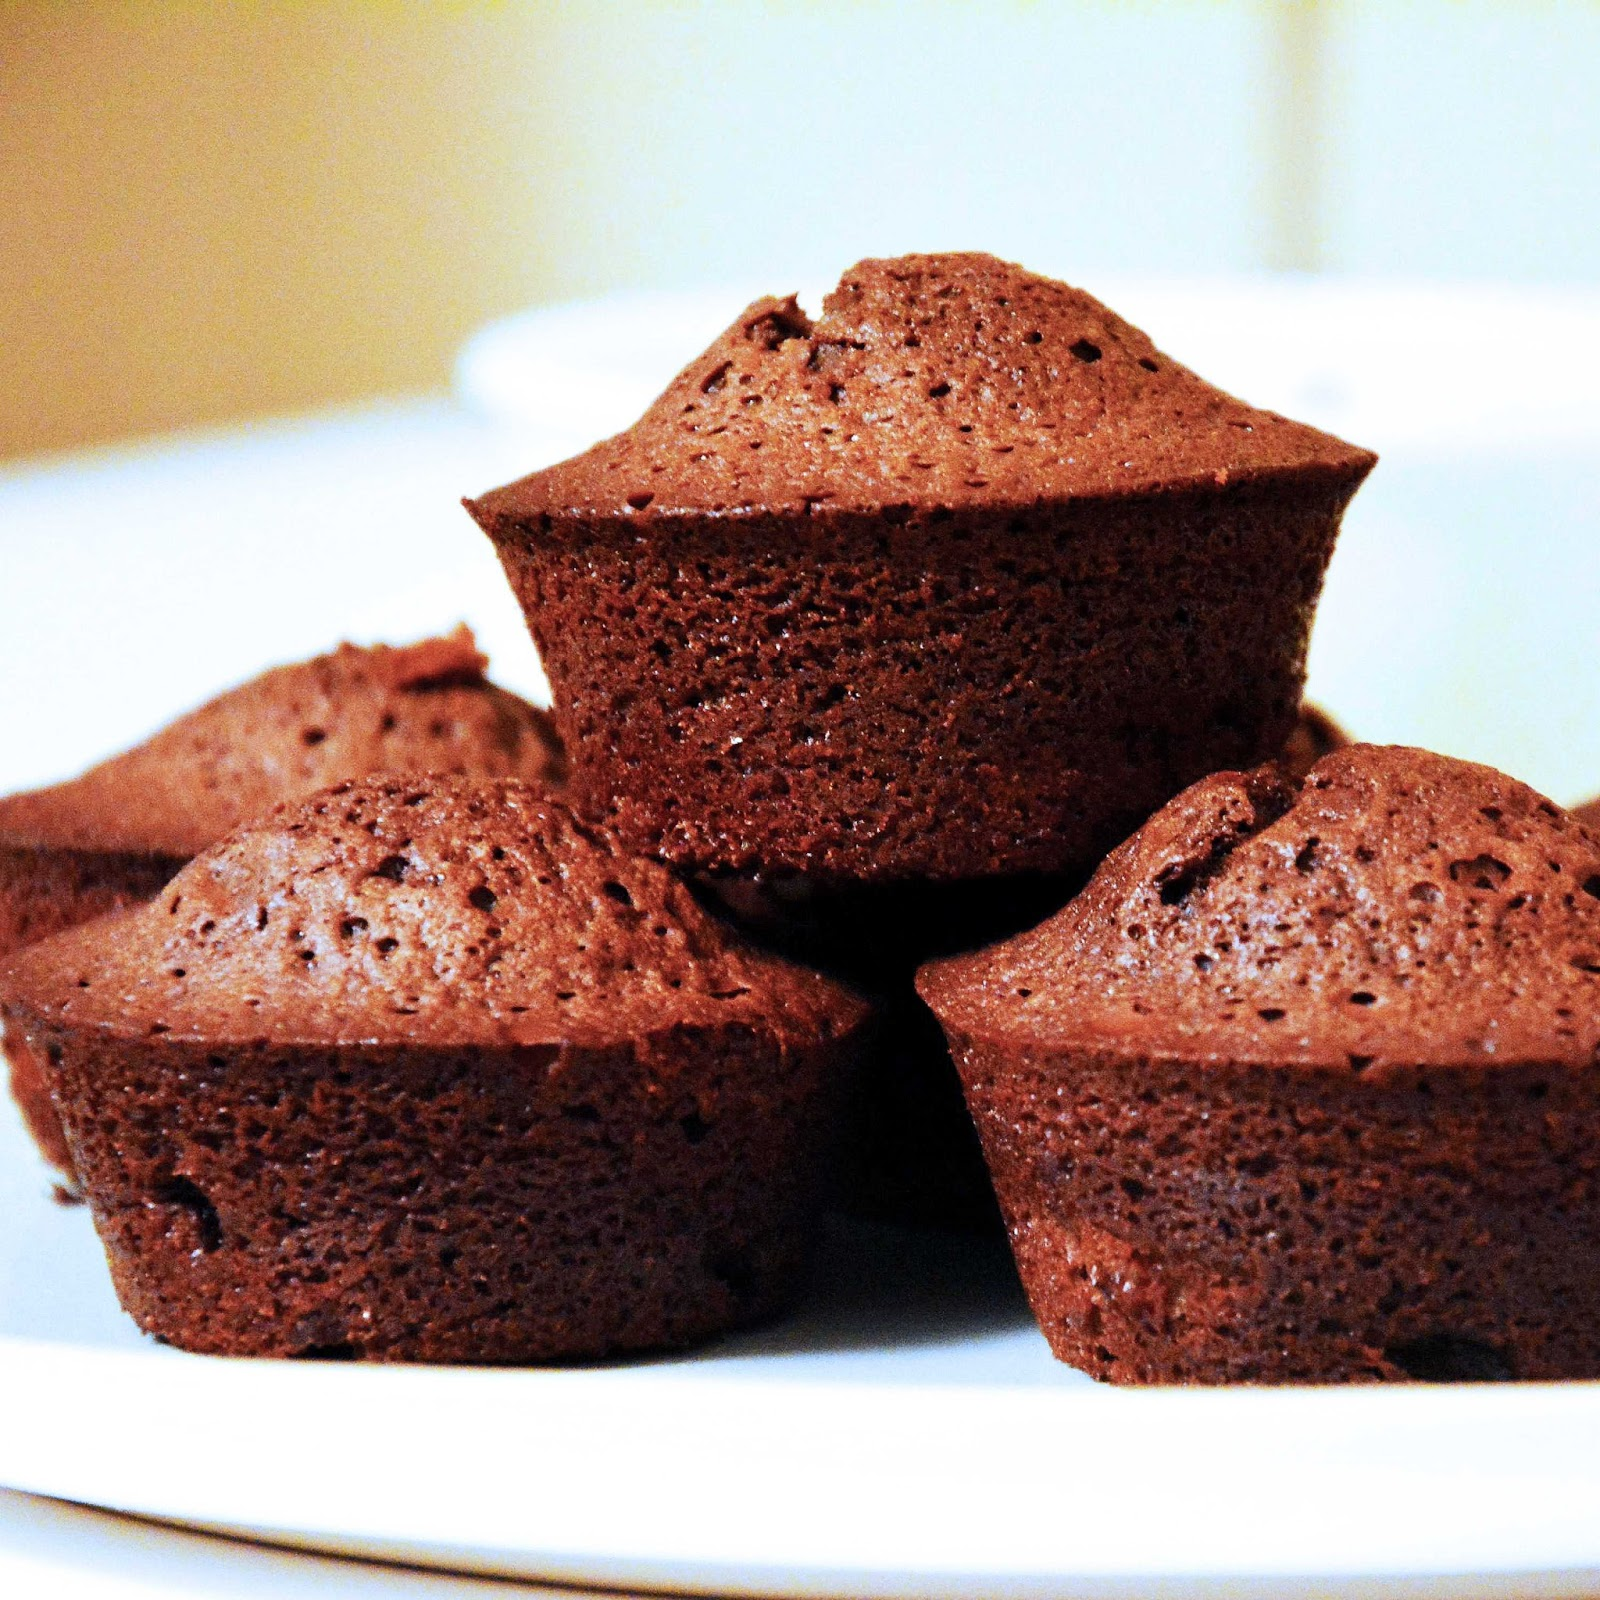 The Chocolate-Rum-Raisins Muffins